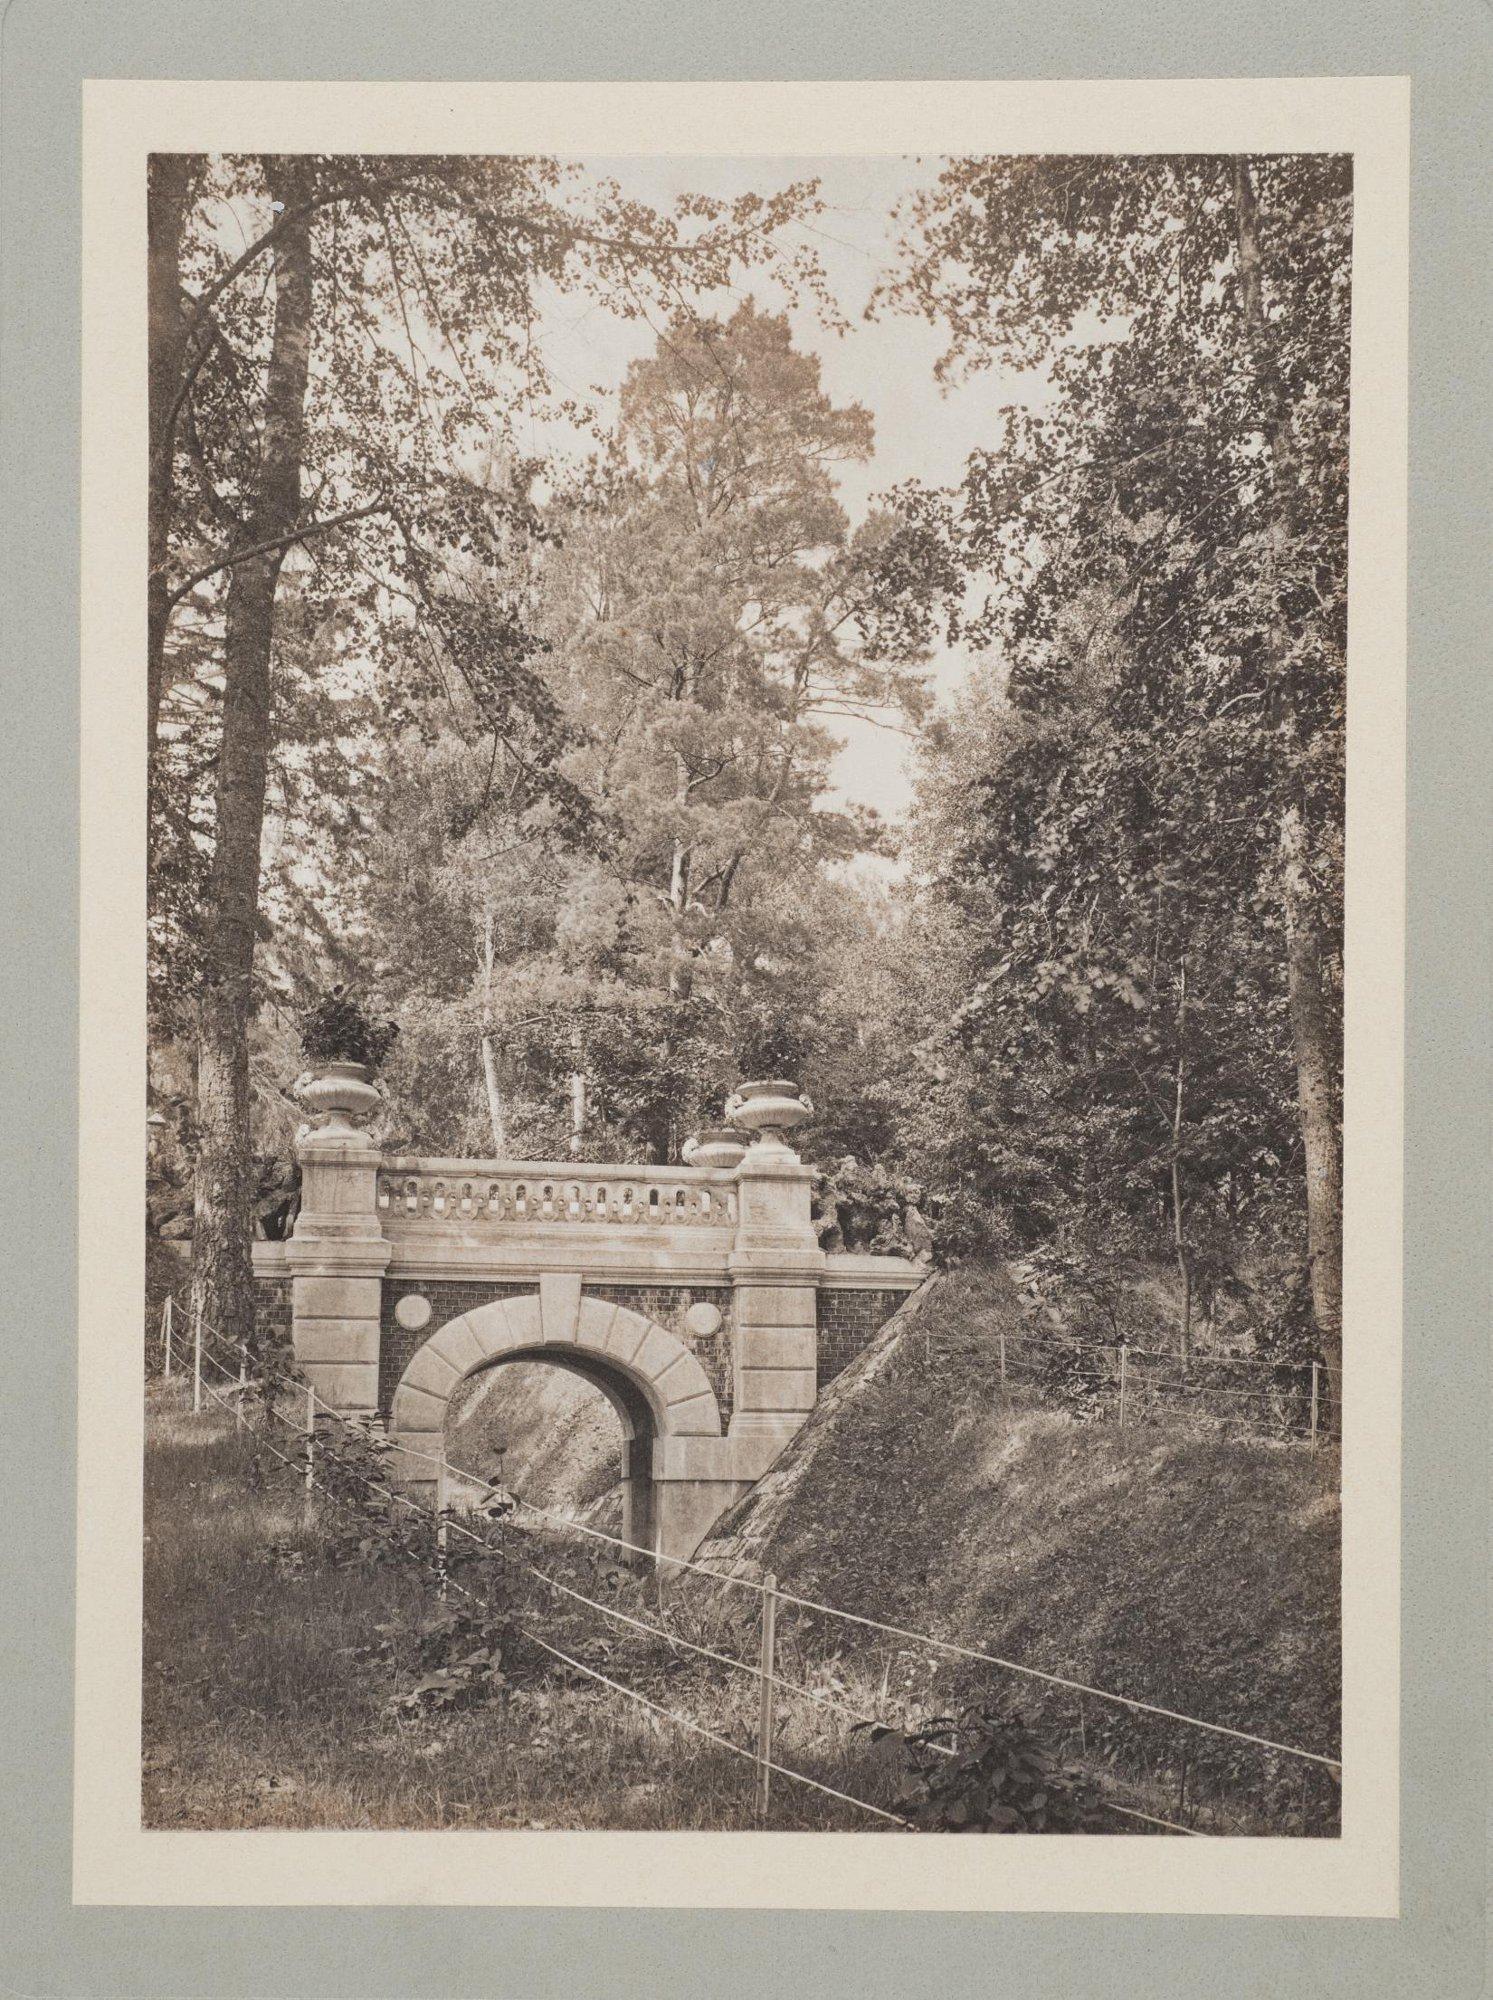 1910. Одинцово-Архангельское, мост в парке